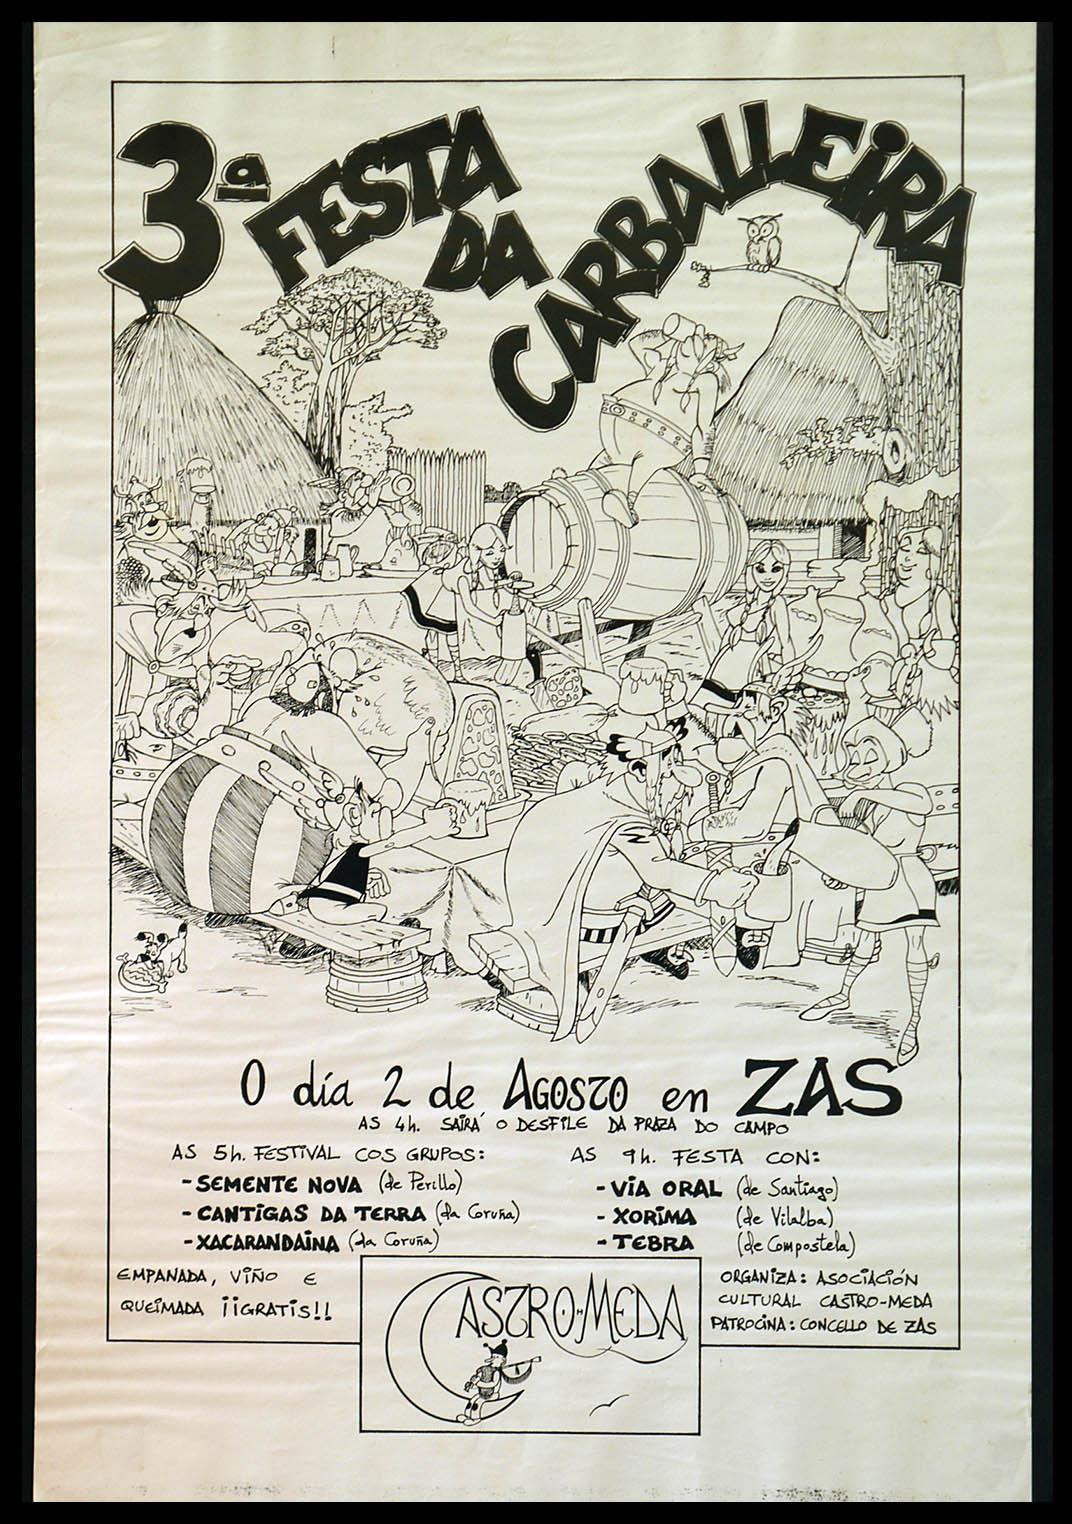 Cartel Festa Carballeira 1986